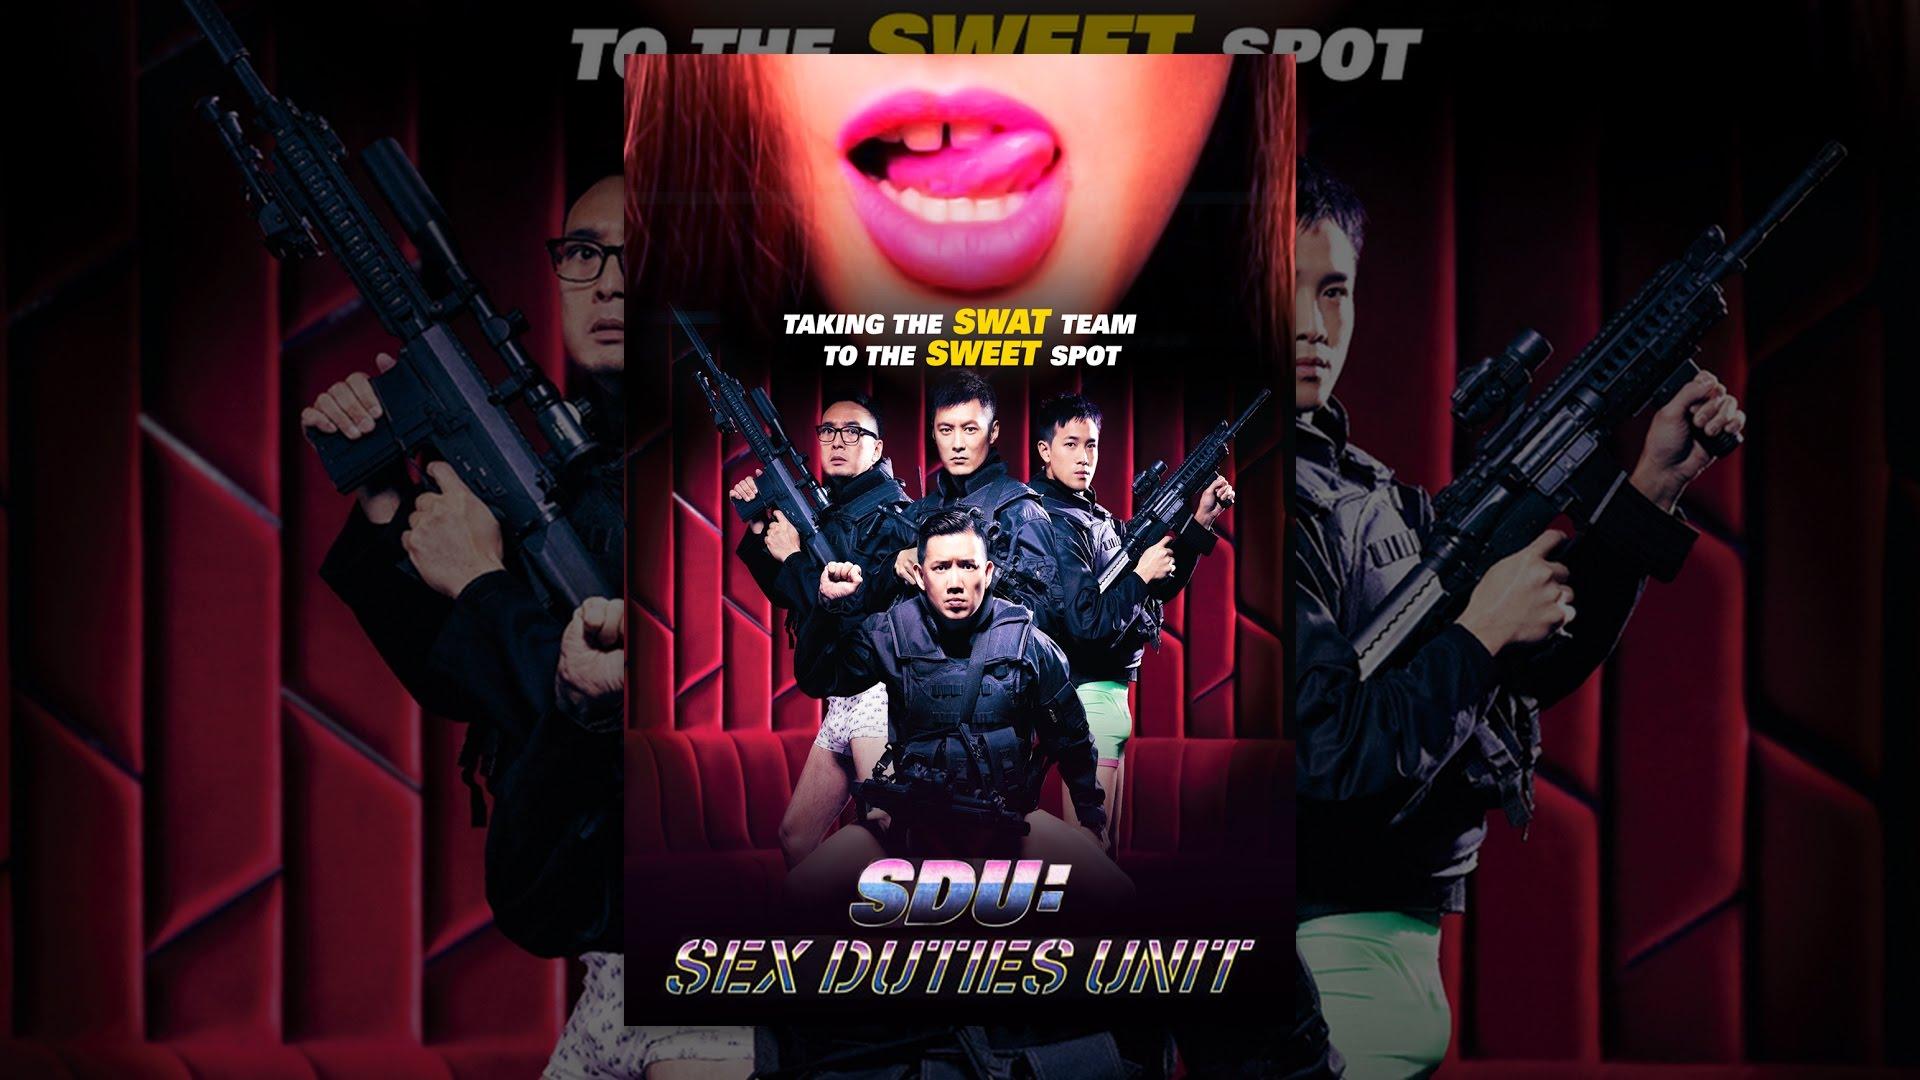 sdu sex duties unit watch online in Odessa